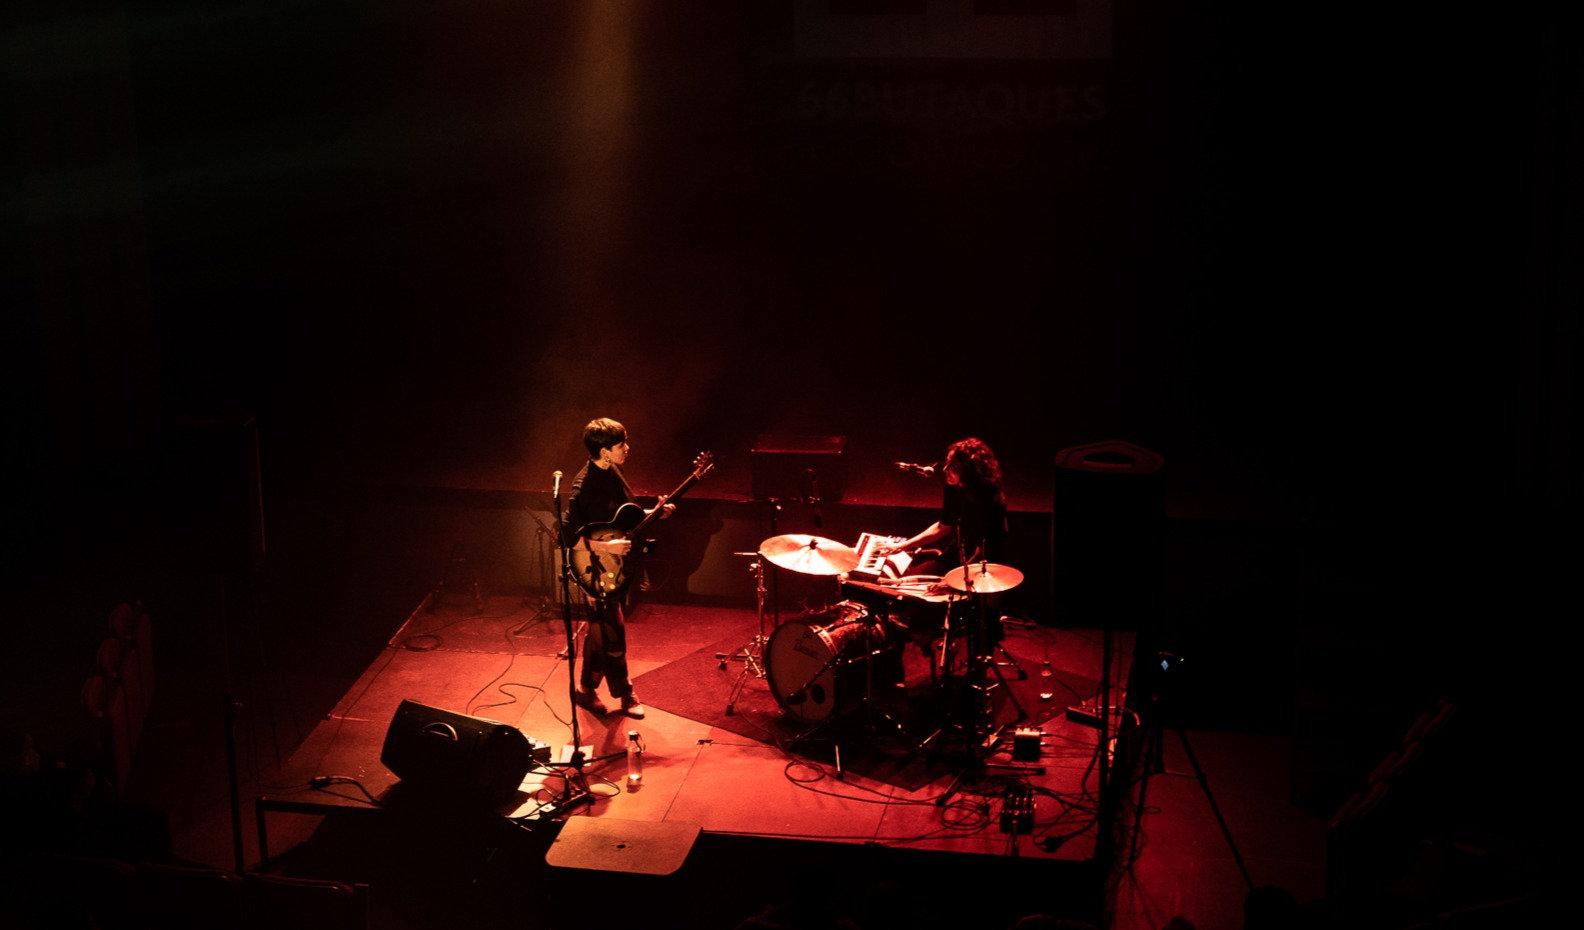 Anna Andreu i Marina Arrufat en directe a Figueres La Cate. Fotografia de Marc Merin